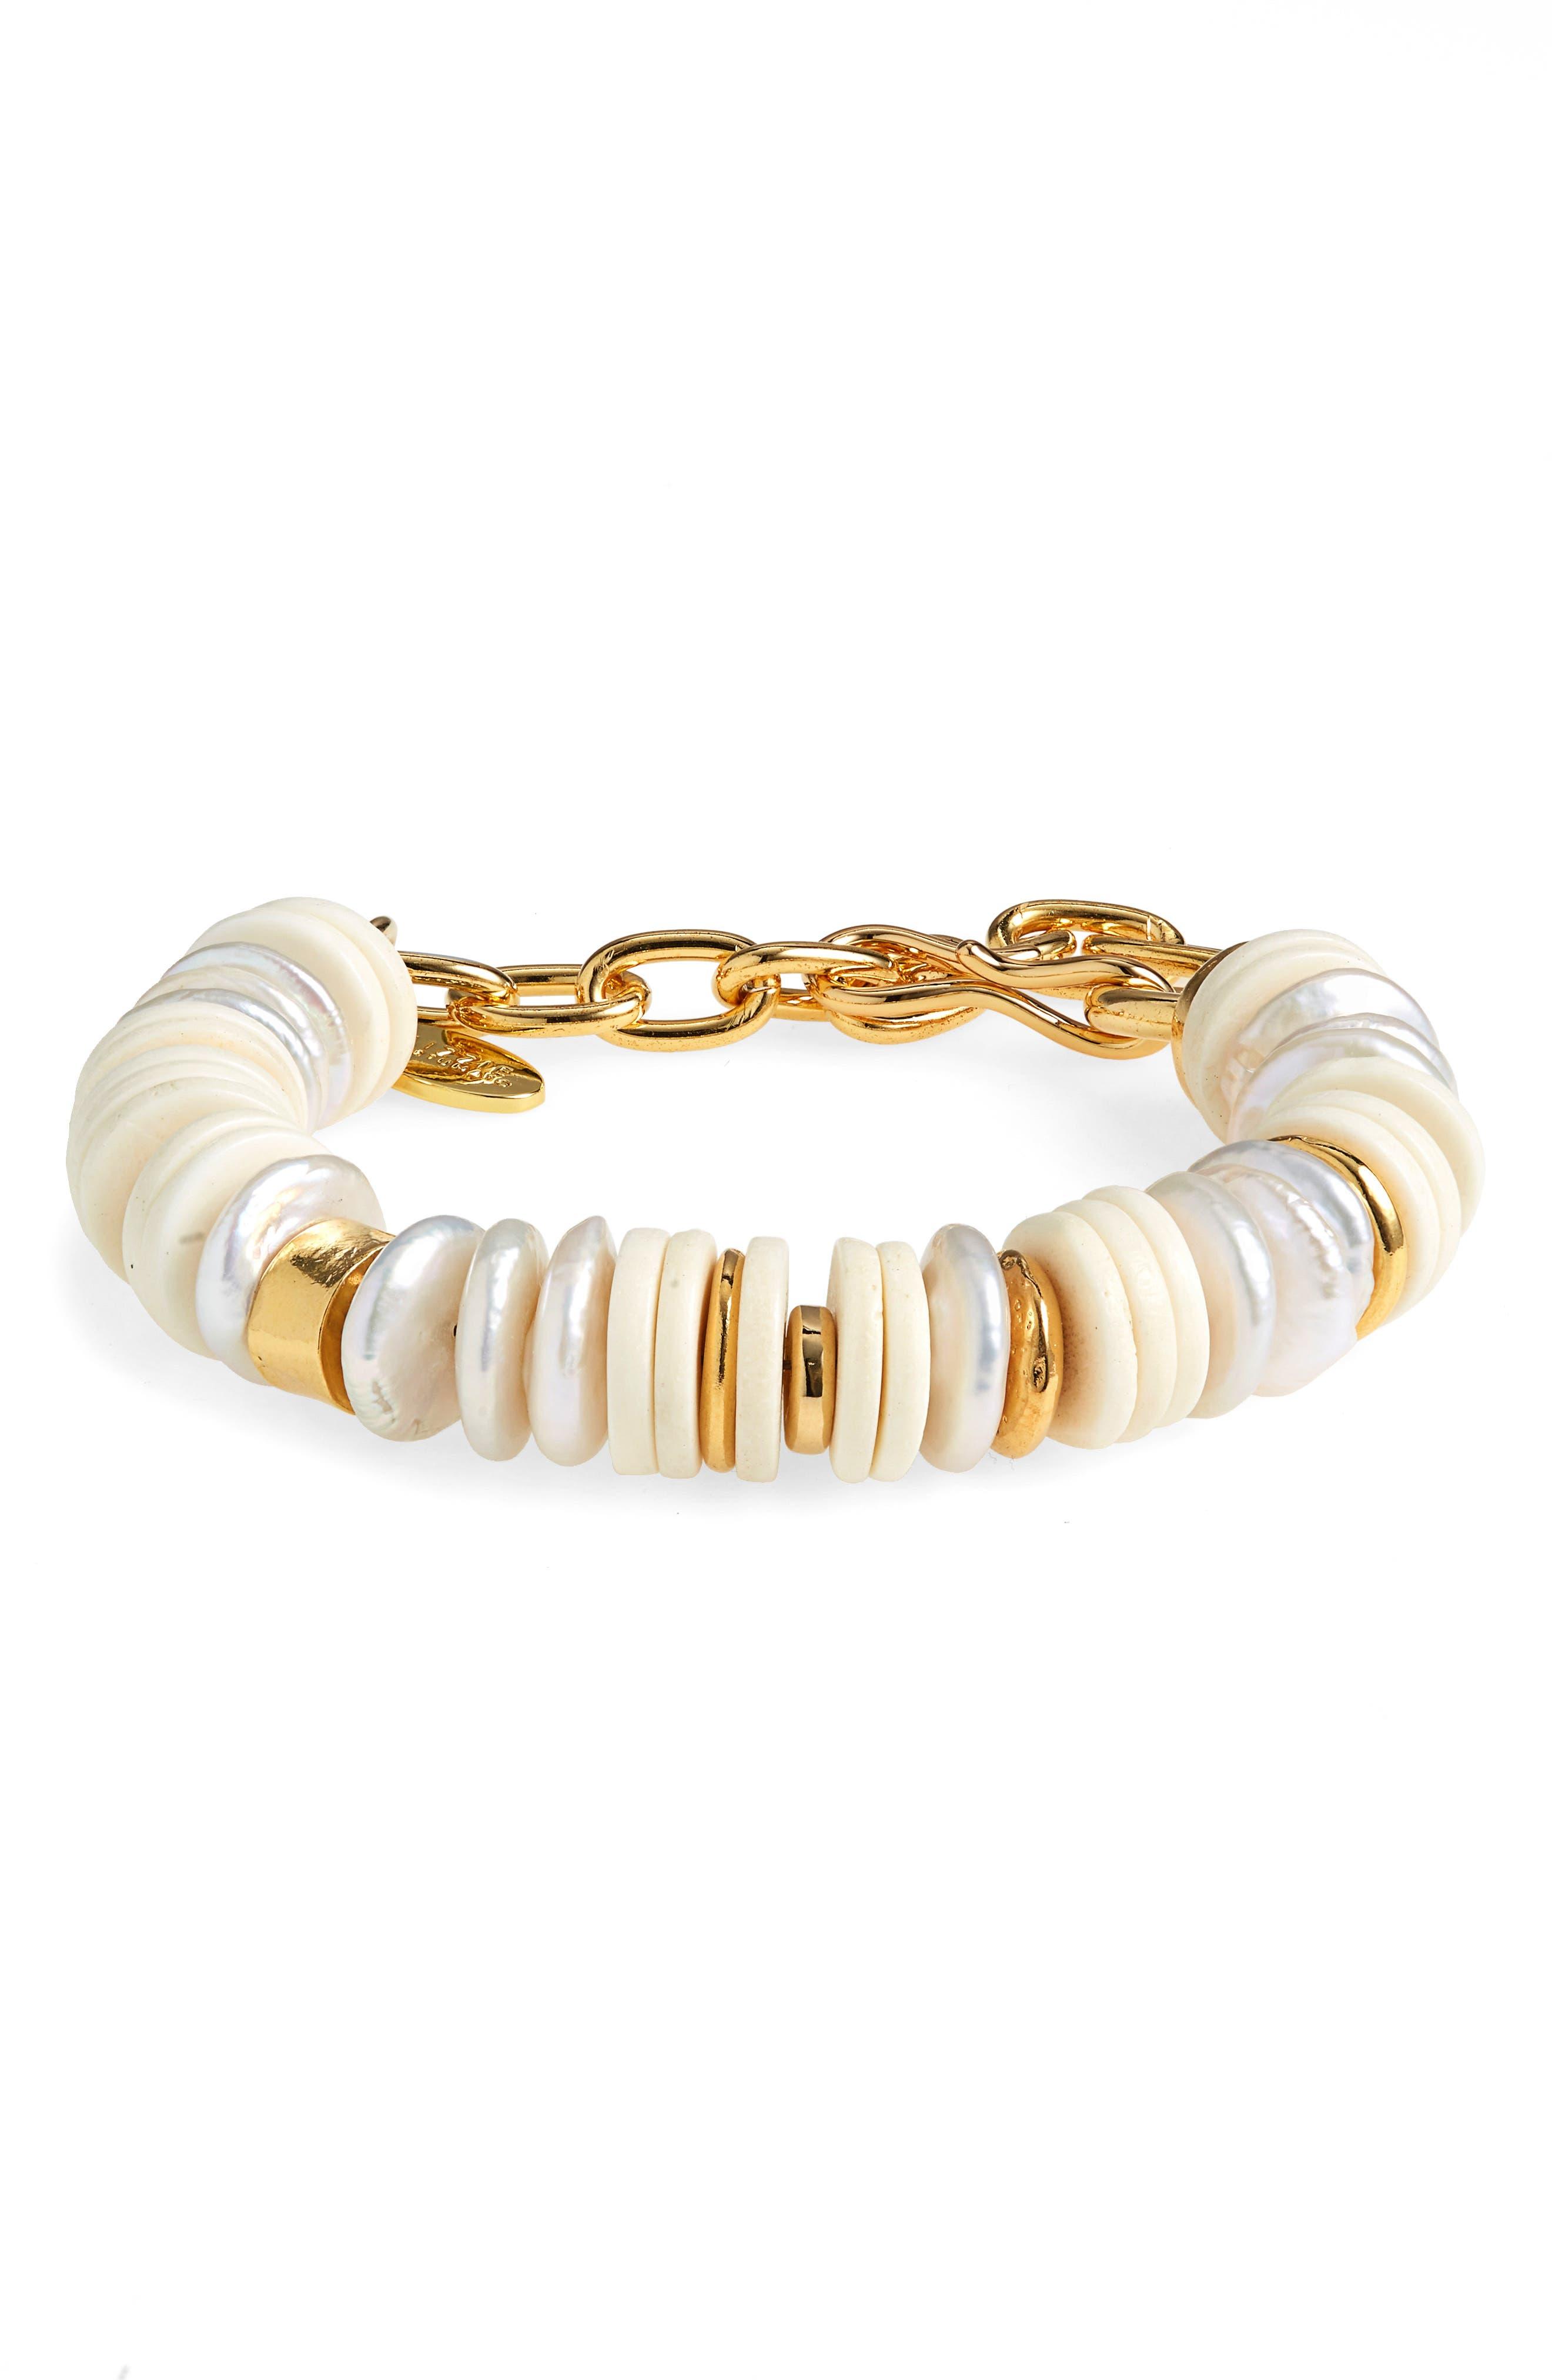 Candy Beaded Bracelet